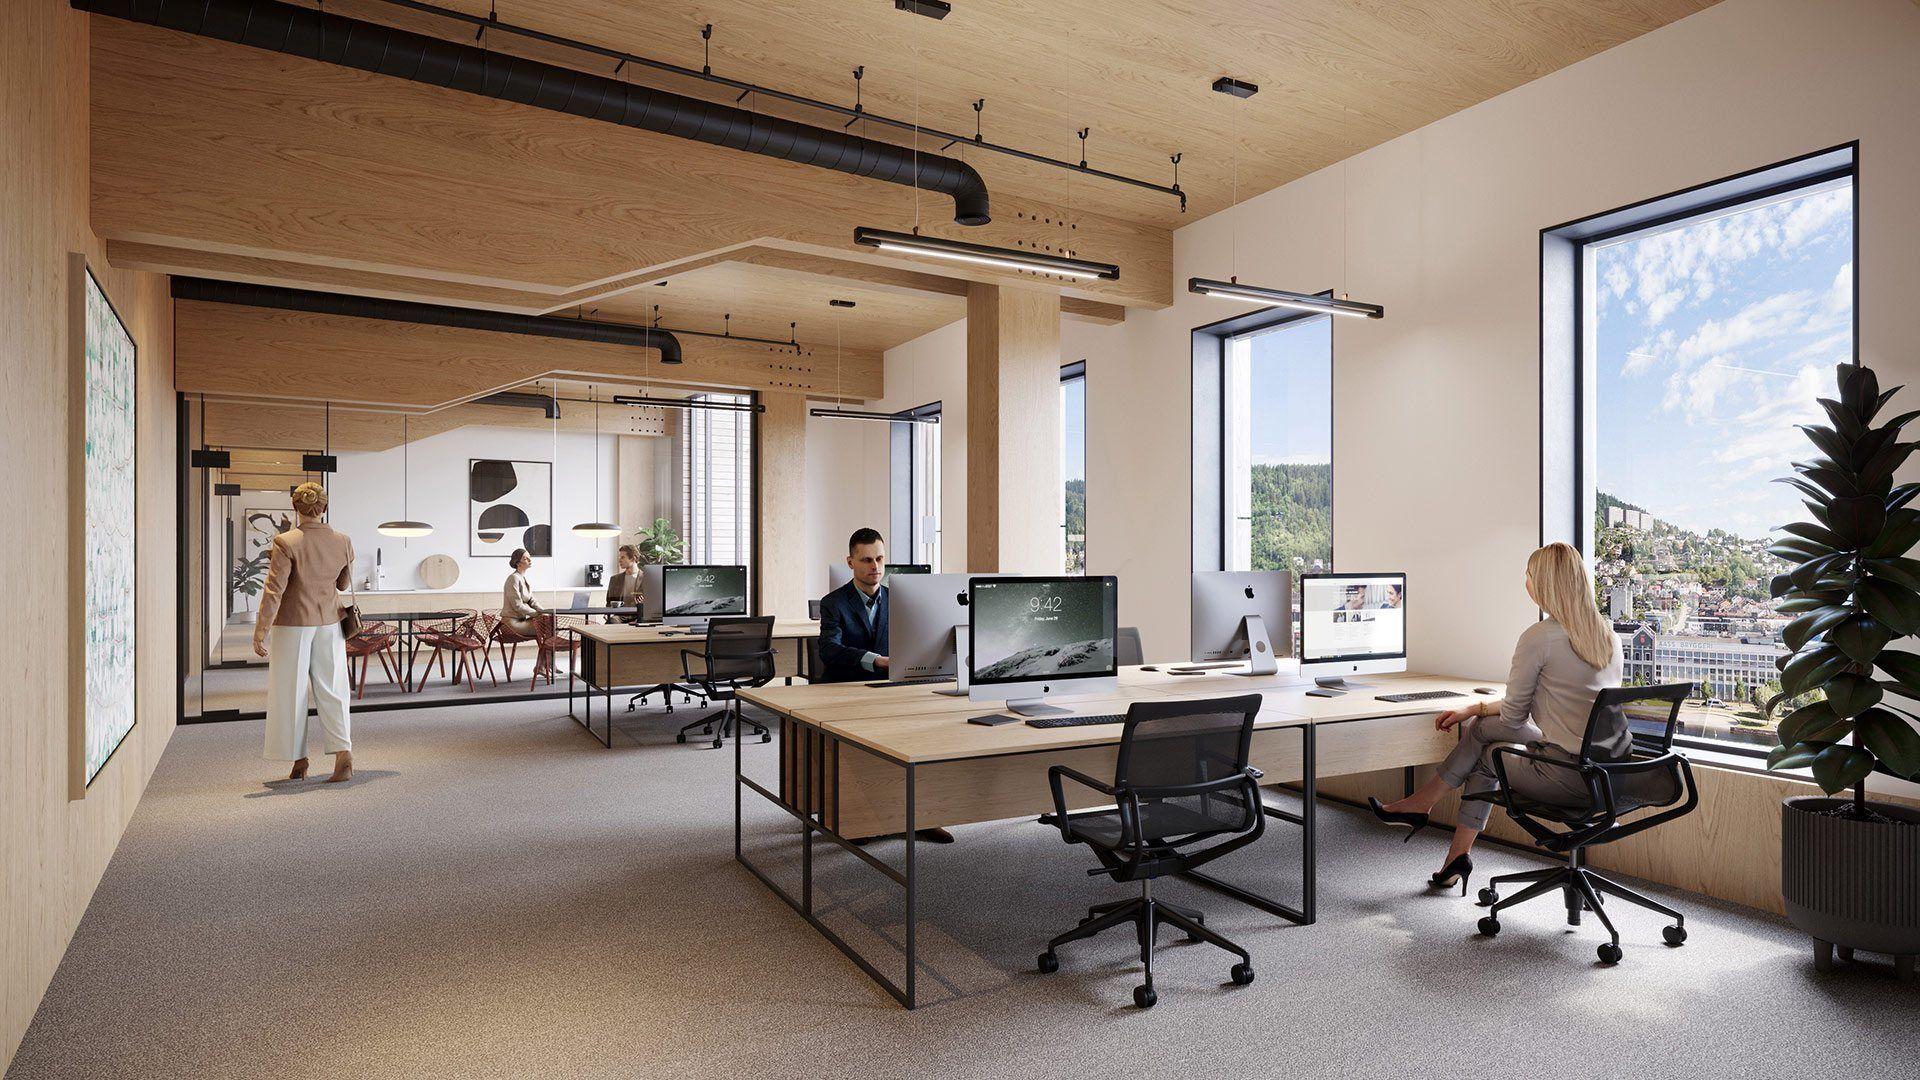 Utleie-kontorlokaler